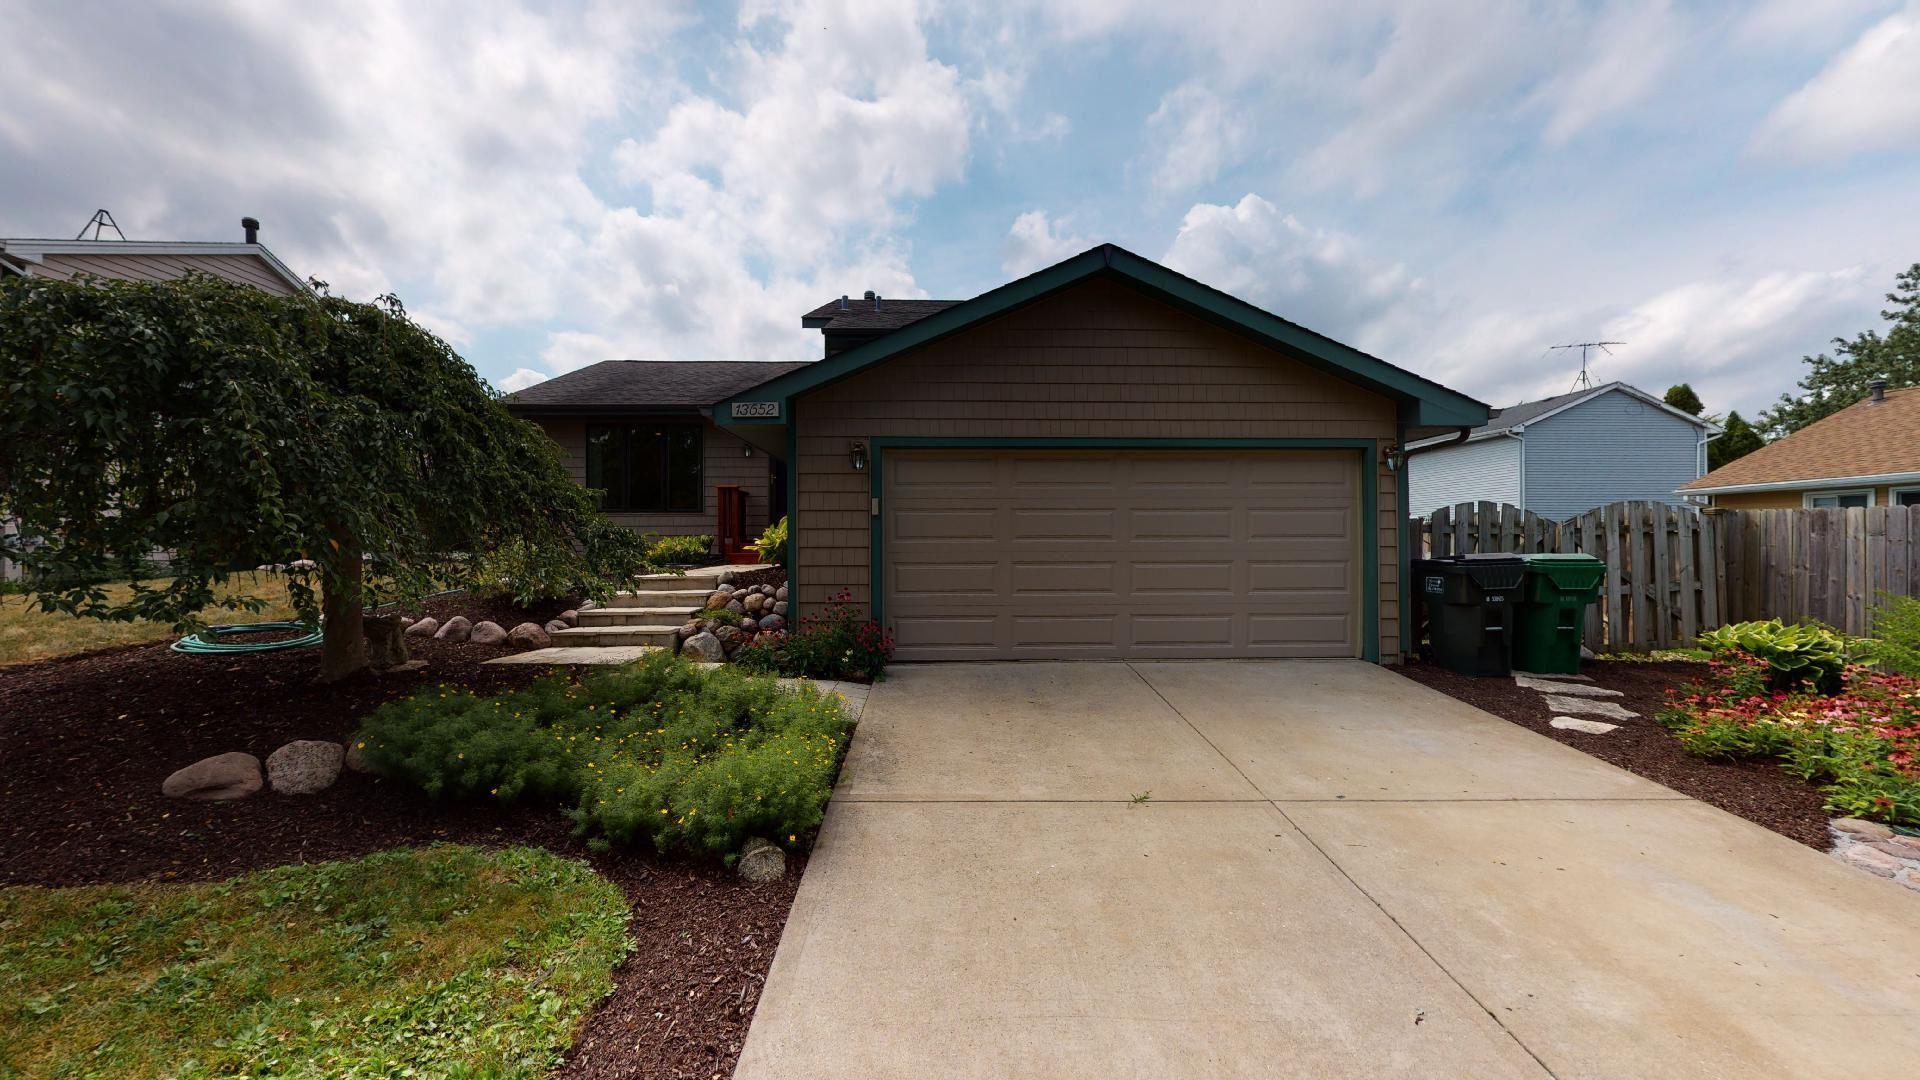 13652 W Cedarbend Drive, Homer Glen, IL 60491 - #: 10817720